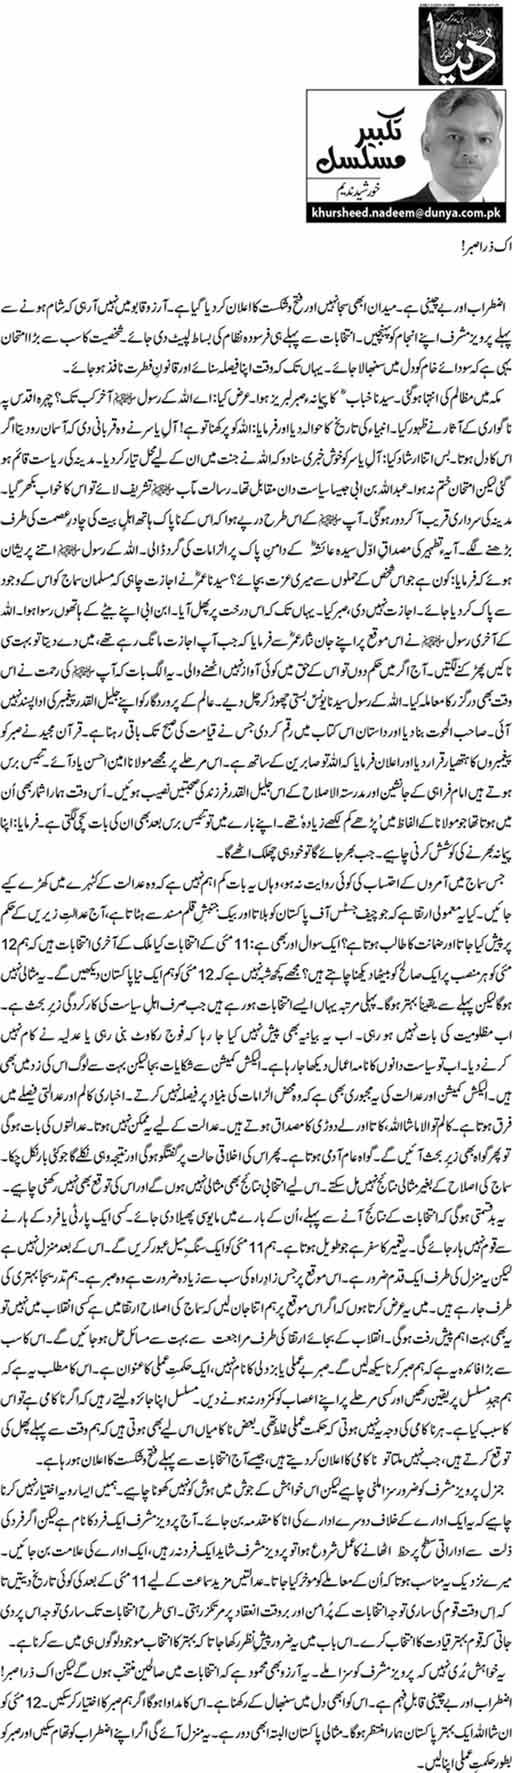 Ek Zara Sabar! - Khursheed Nadeem